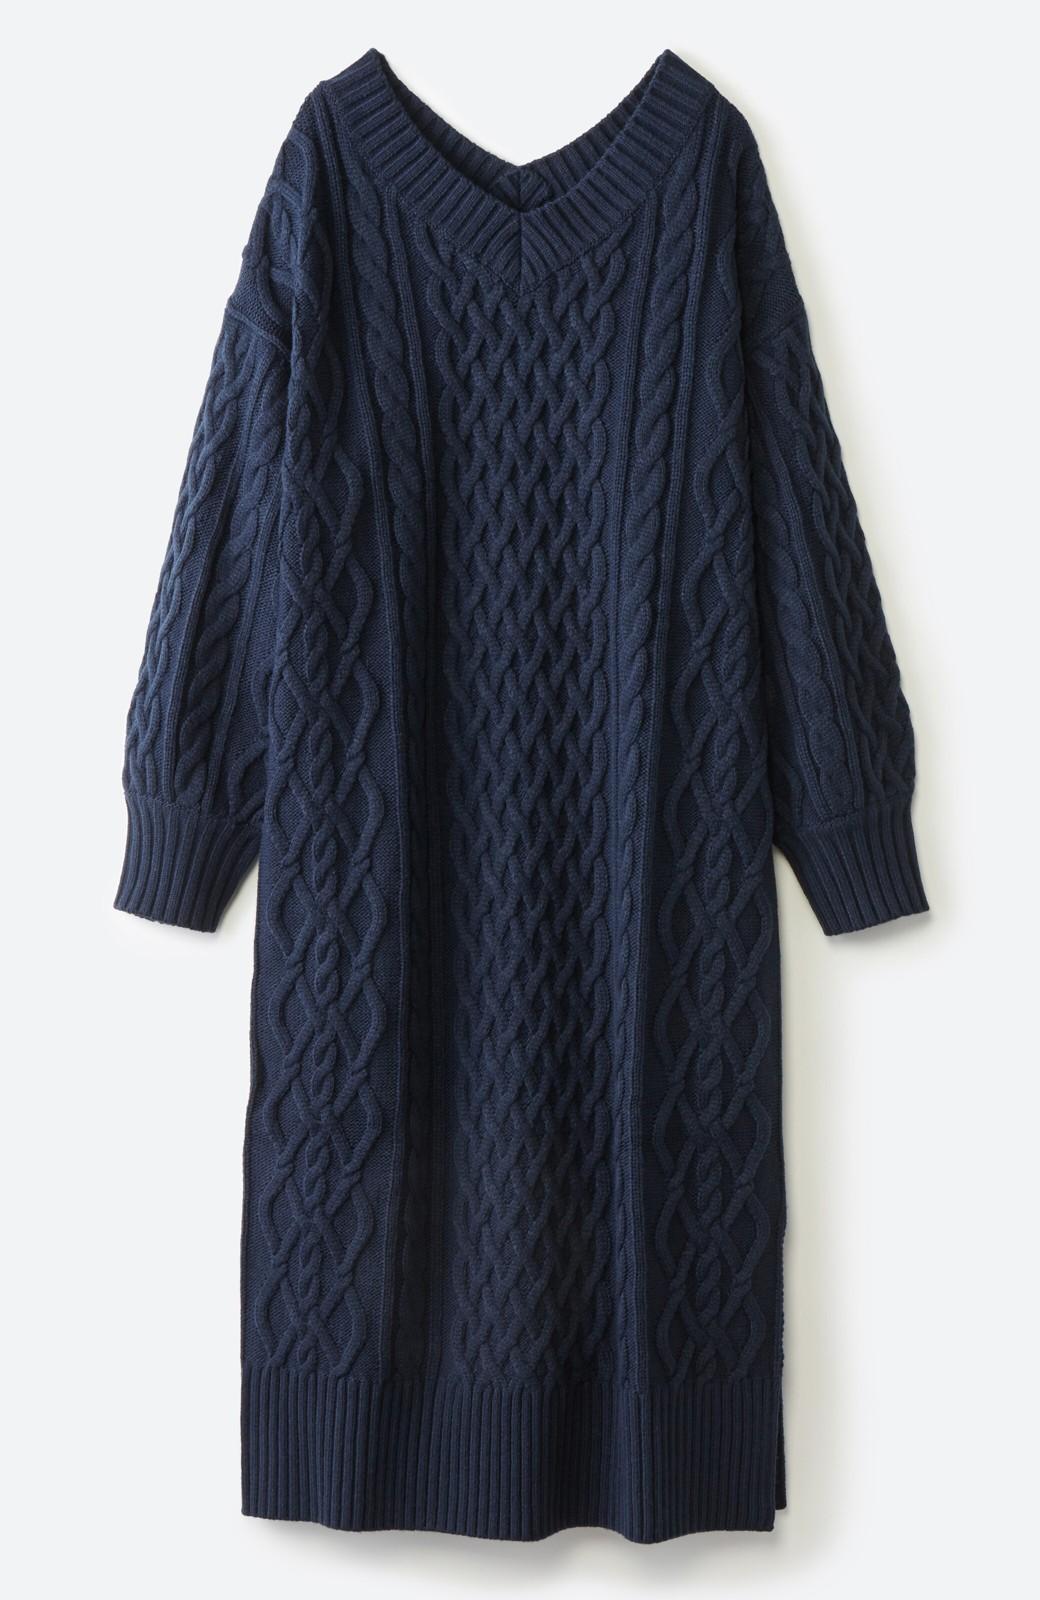 haco! パッと着て絶妙に女っぽい 重ね着にも便利なケーブルニットワンピース <ネイビー>の商品写真21